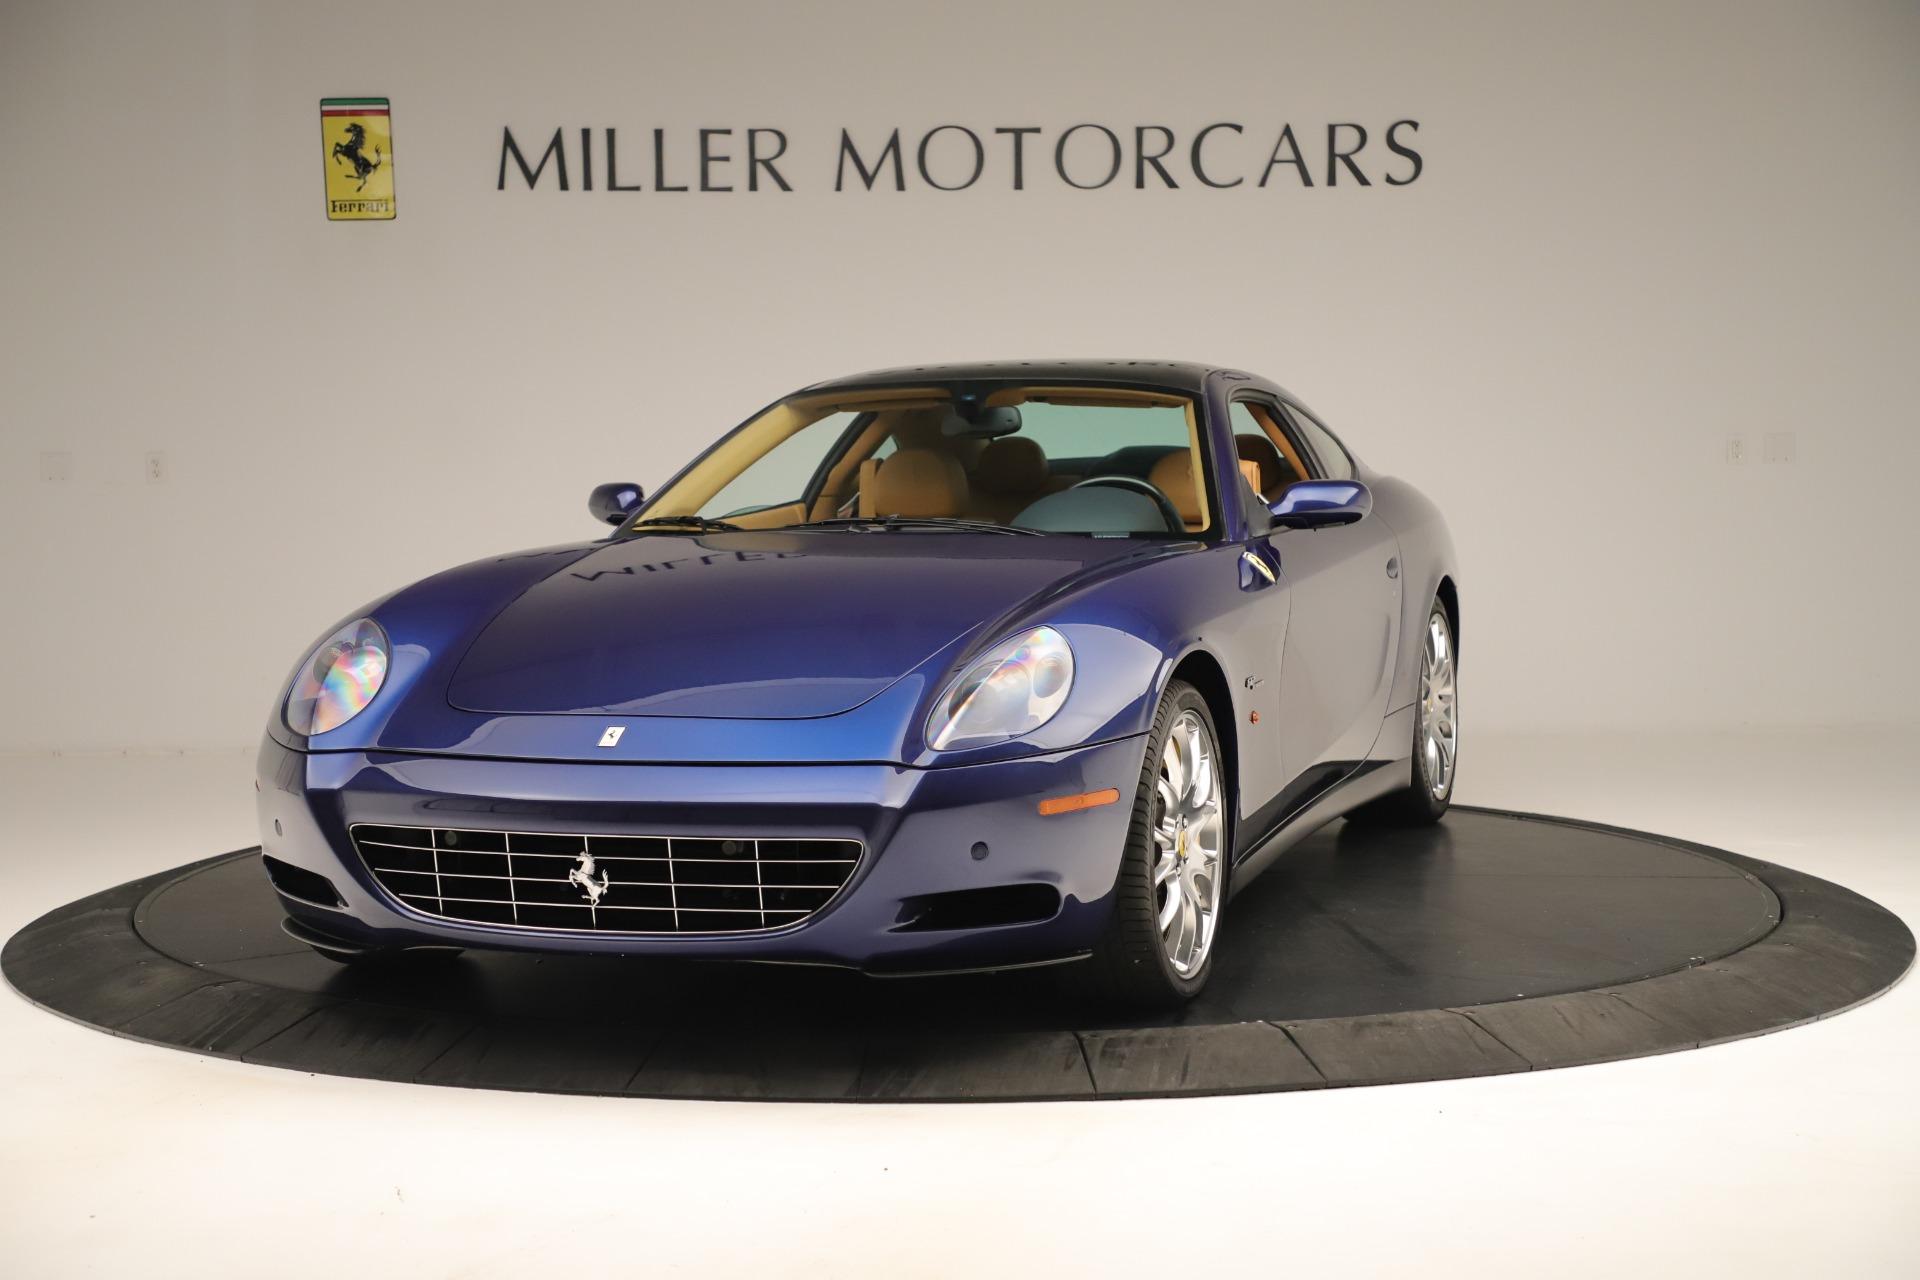 Used 2009 Ferrari 612 Scaglietti OTO for sale Sold at Bentley Greenwich in Greenwich CT 06830 1